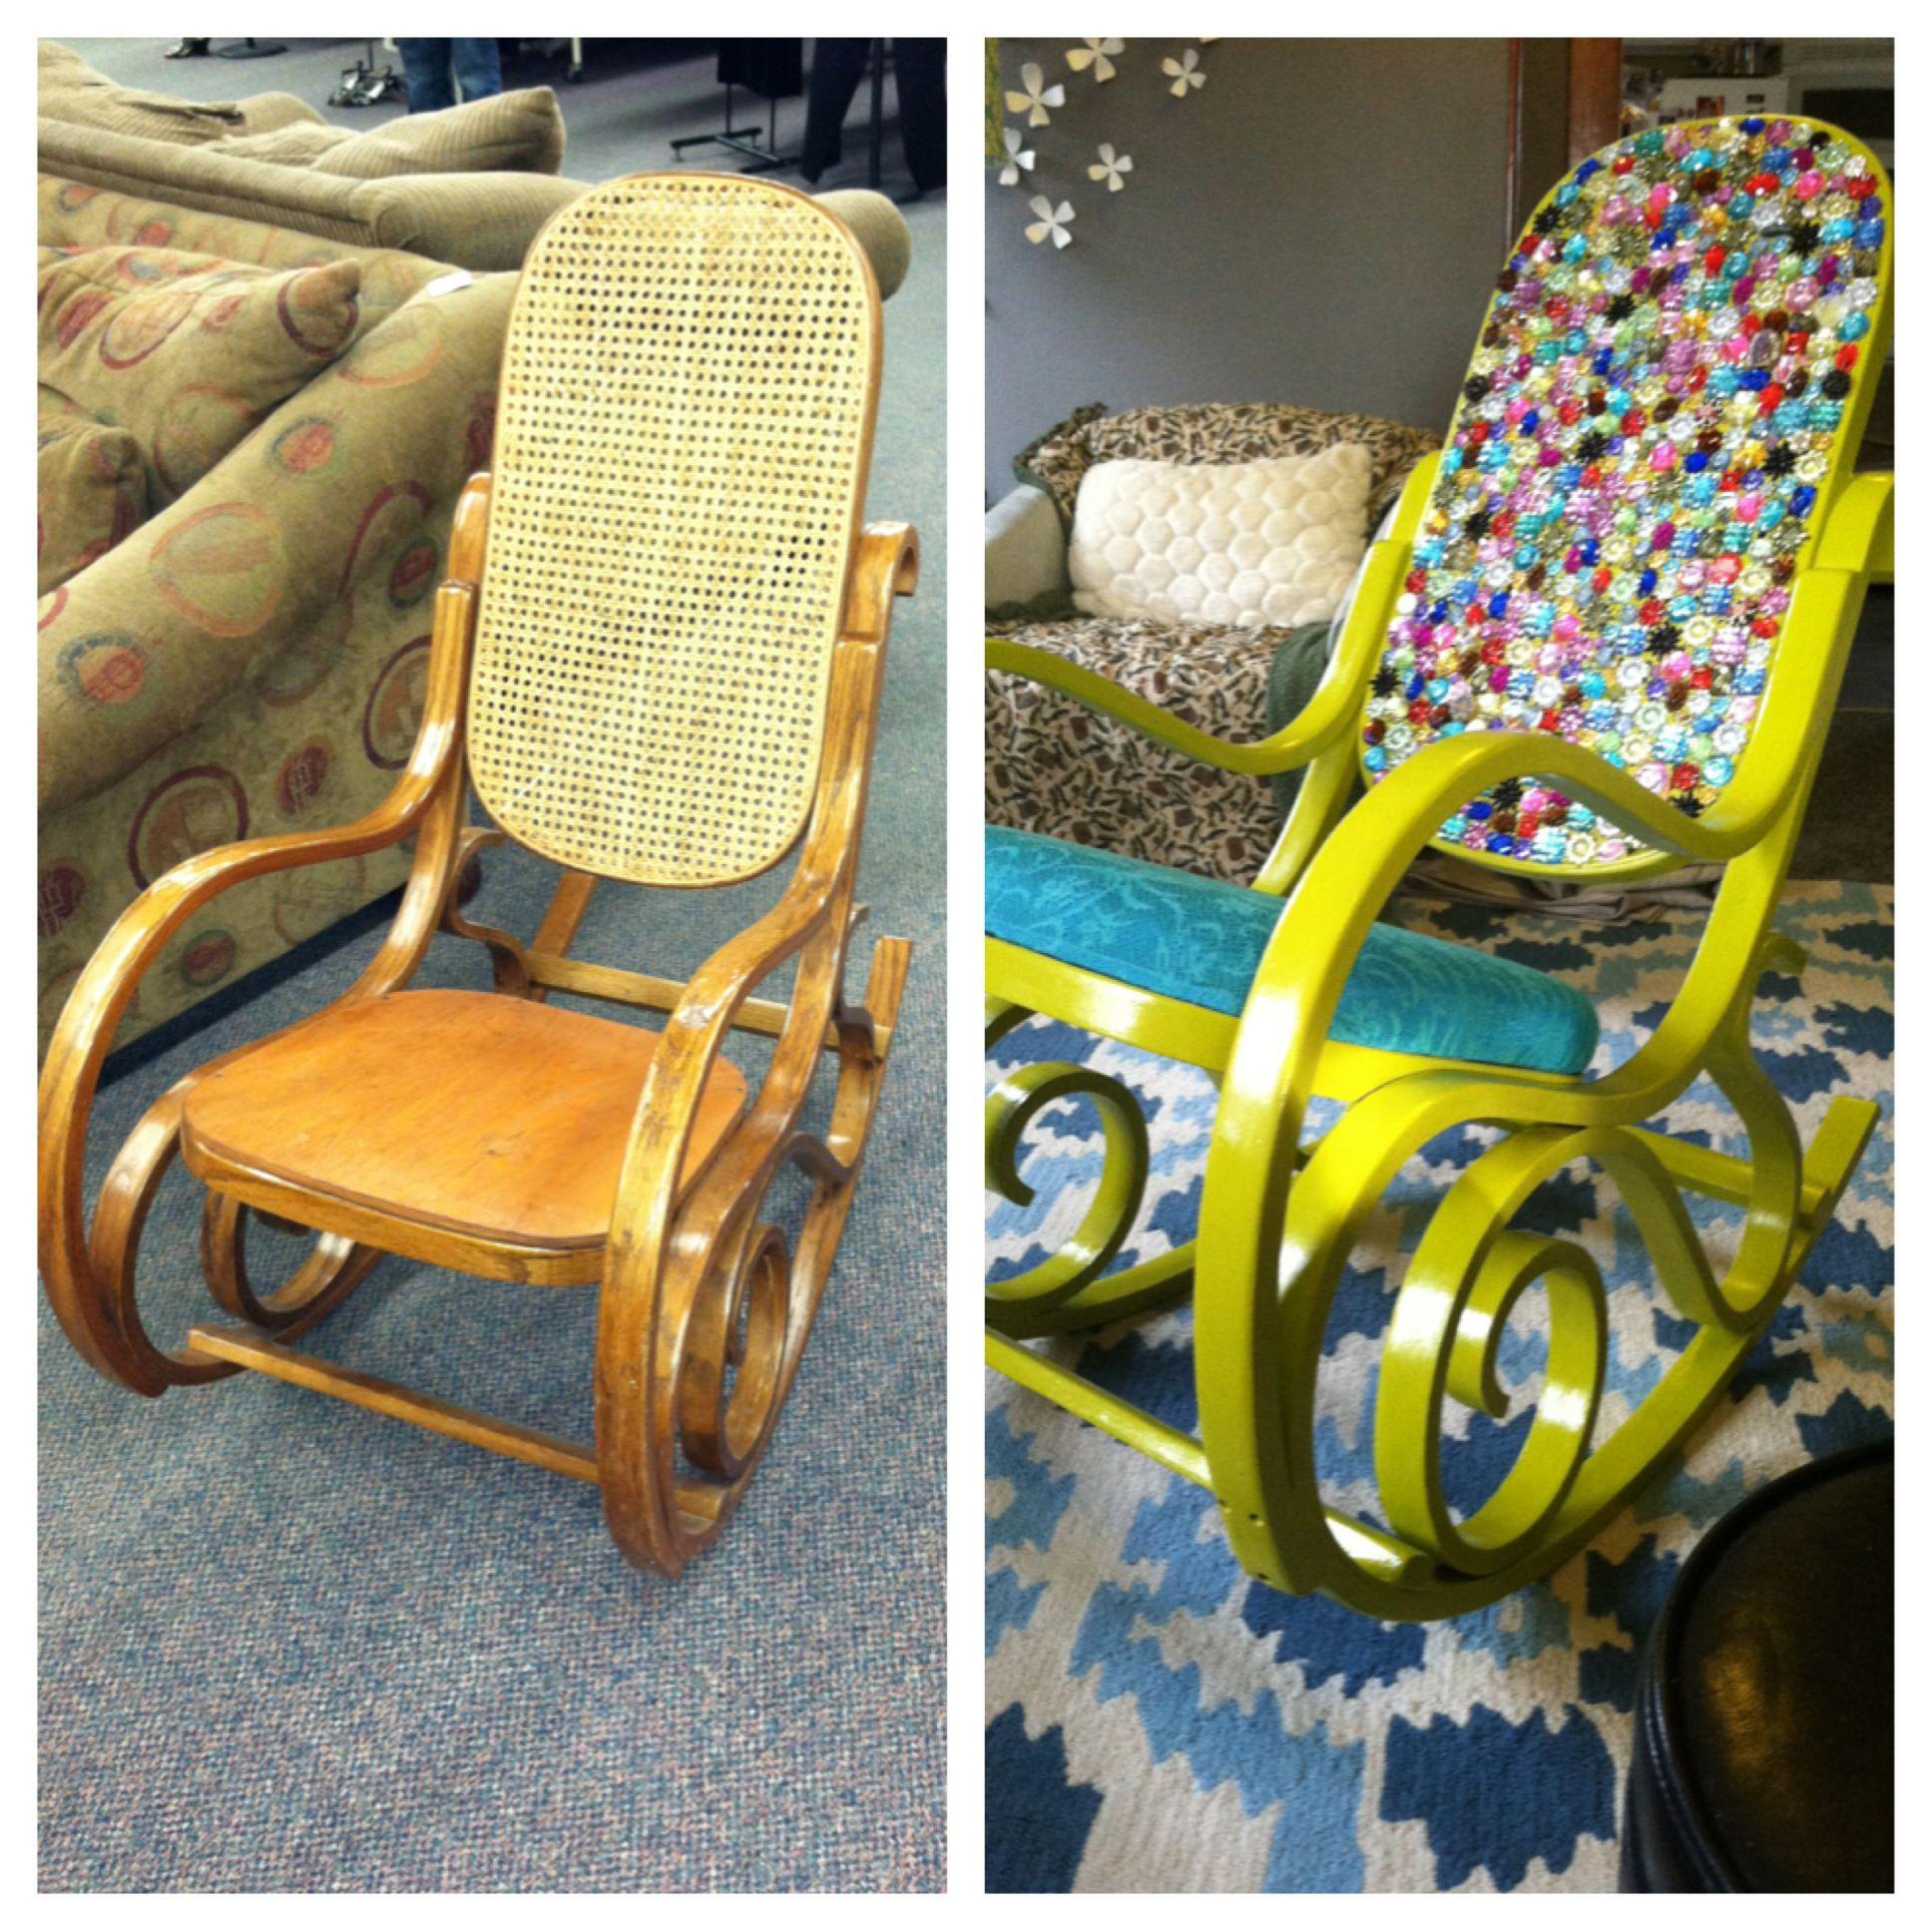 DIY Furniture Repurpose DIY Pinterest